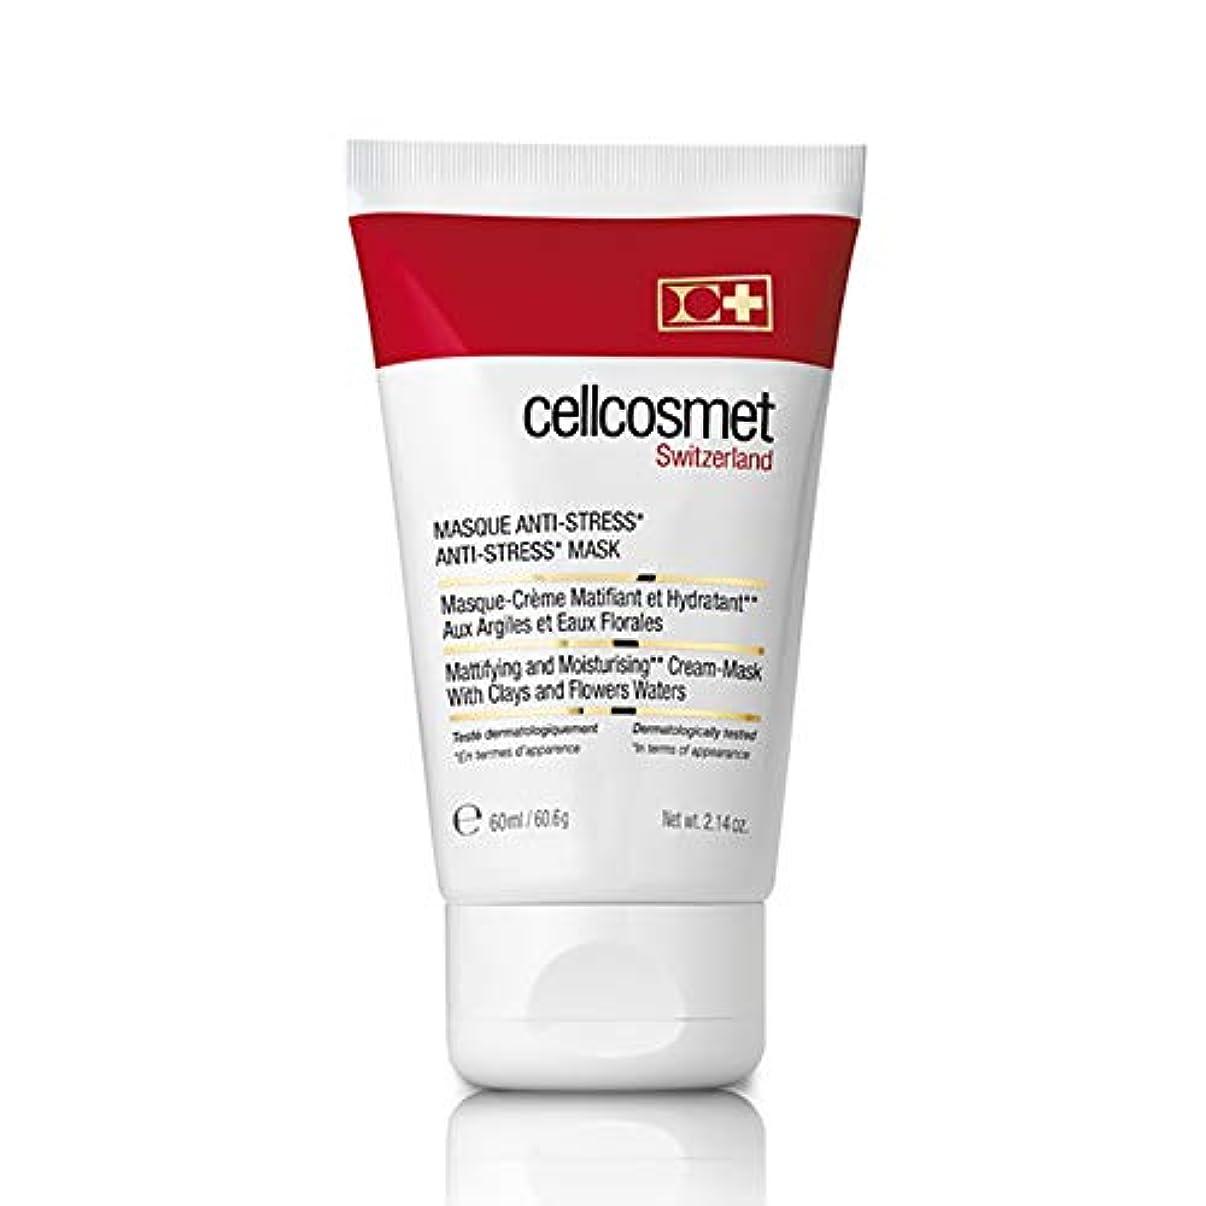 日海外ホイットニーセルコスメ & セルメン Cellcosmet Anti-Stress Mask - Ideal For Stressed, Sensitive or Reactive Skin 60ml/2.14oz並行輸入品